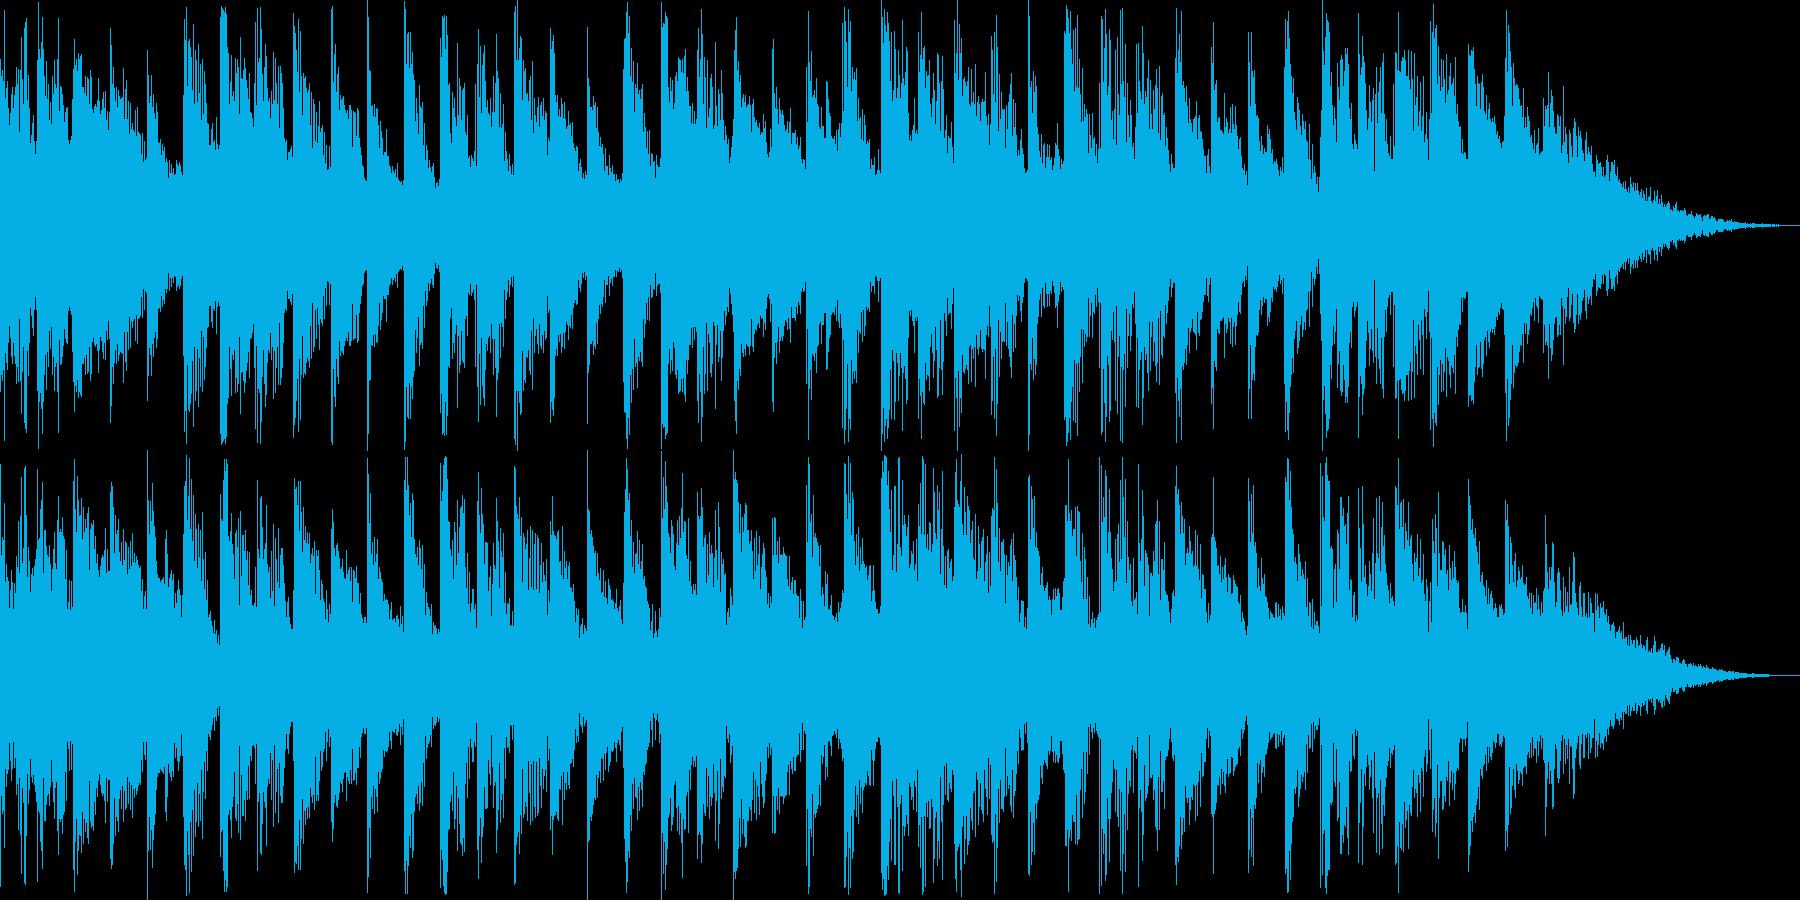 可愛くてドキドキするインストポップBGMの再生済みの波形